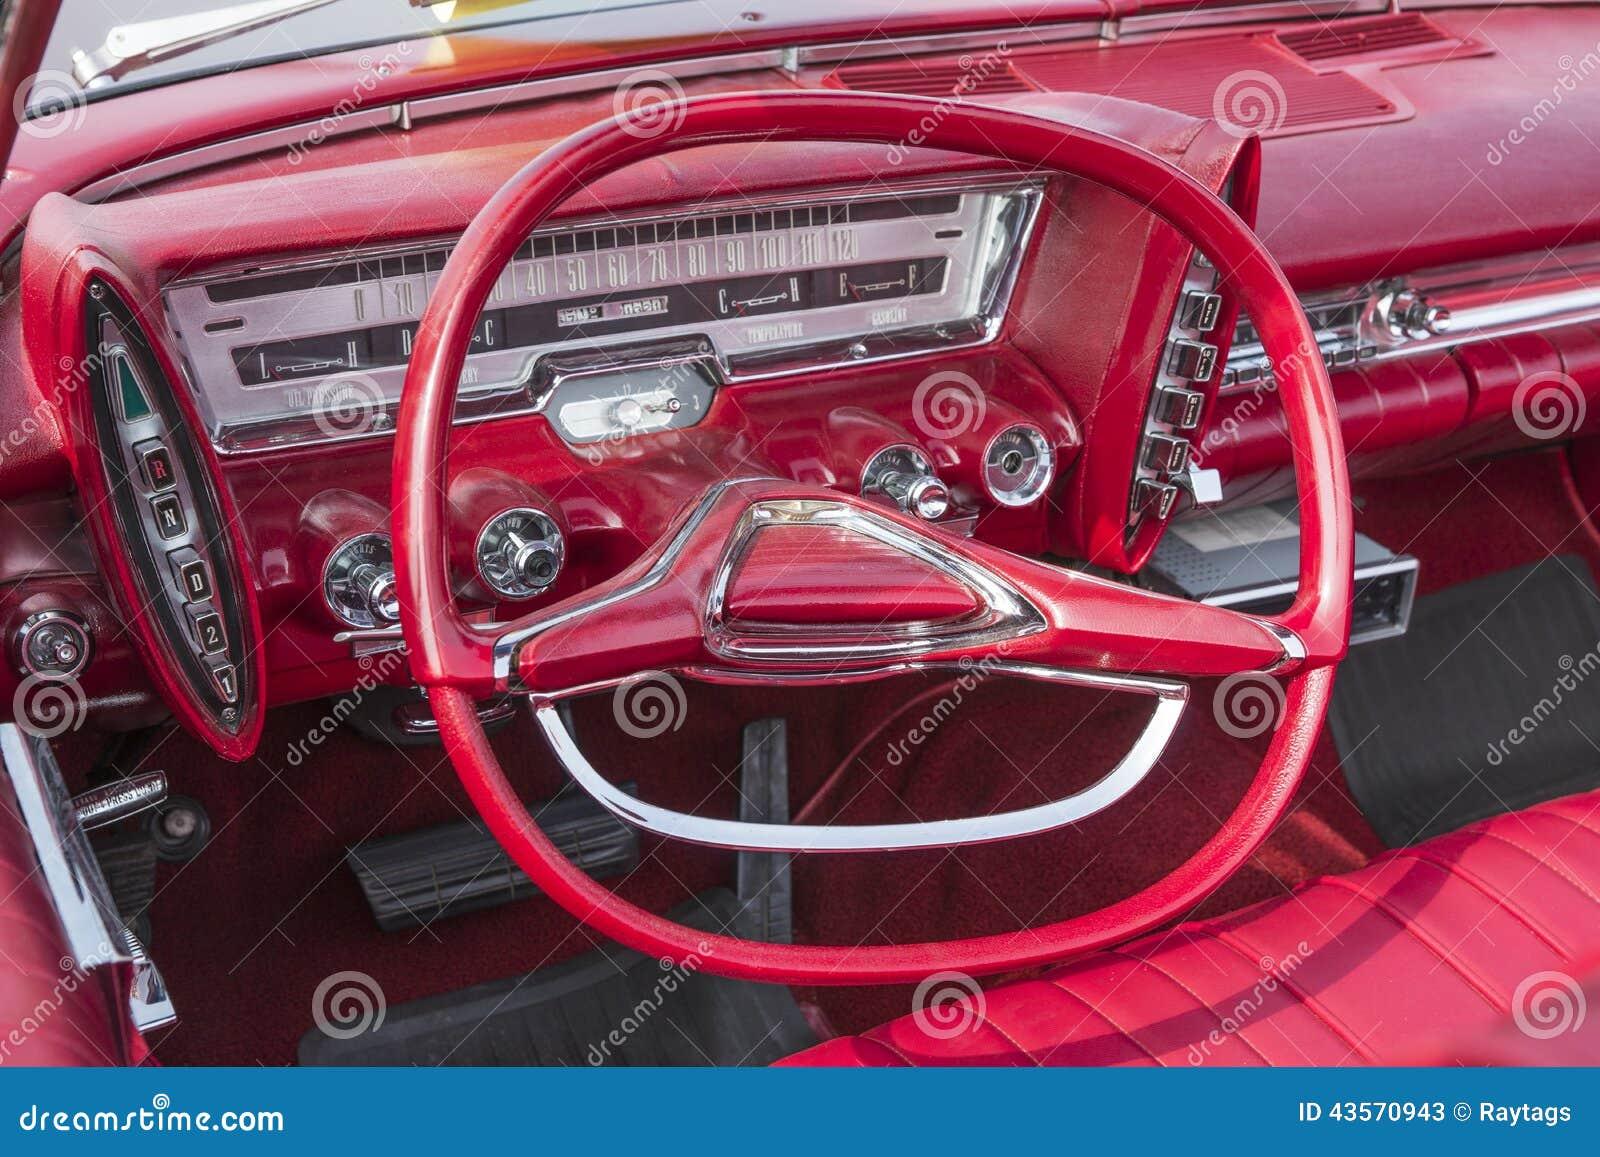 vintage car dashboard stock photo image 43570943. Black Bedroom Furniture Sets. Home Design Ideas